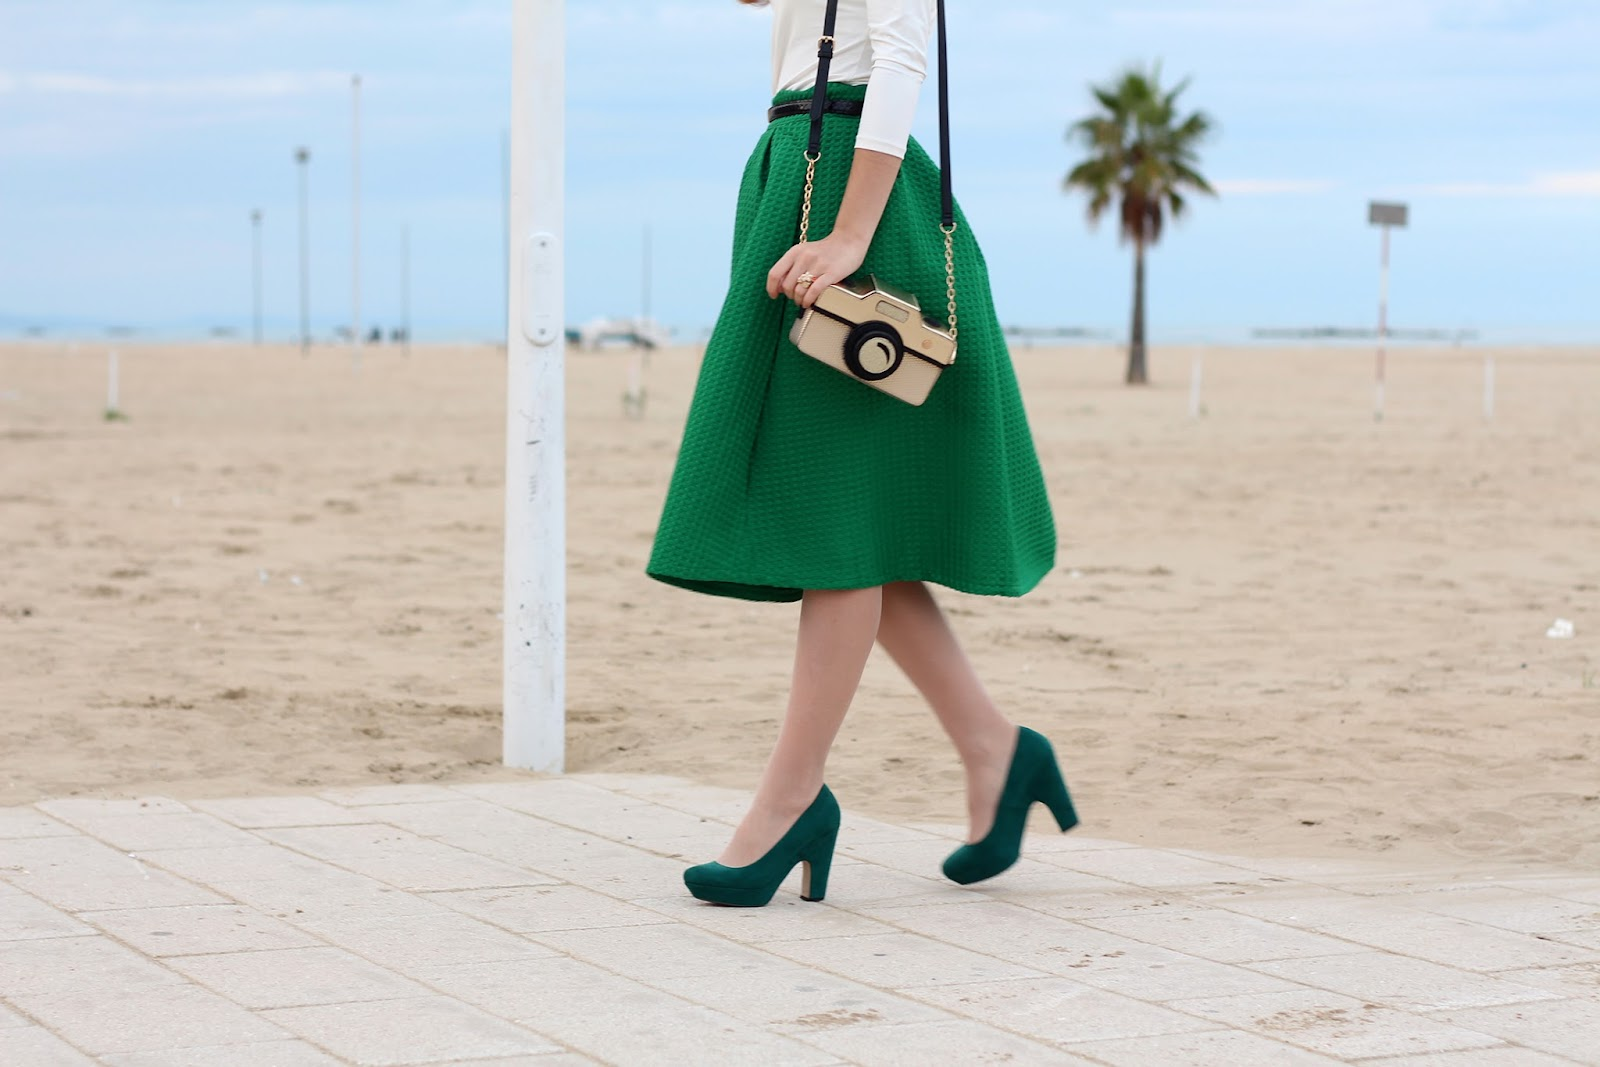 green midi skirt accessorize camera bag heels pumps shoes